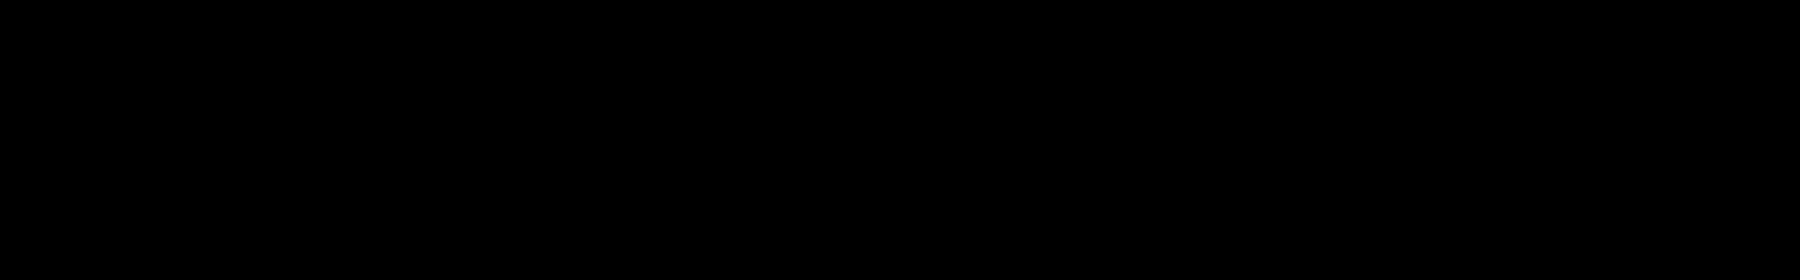 Lazer Tunez audio waveform